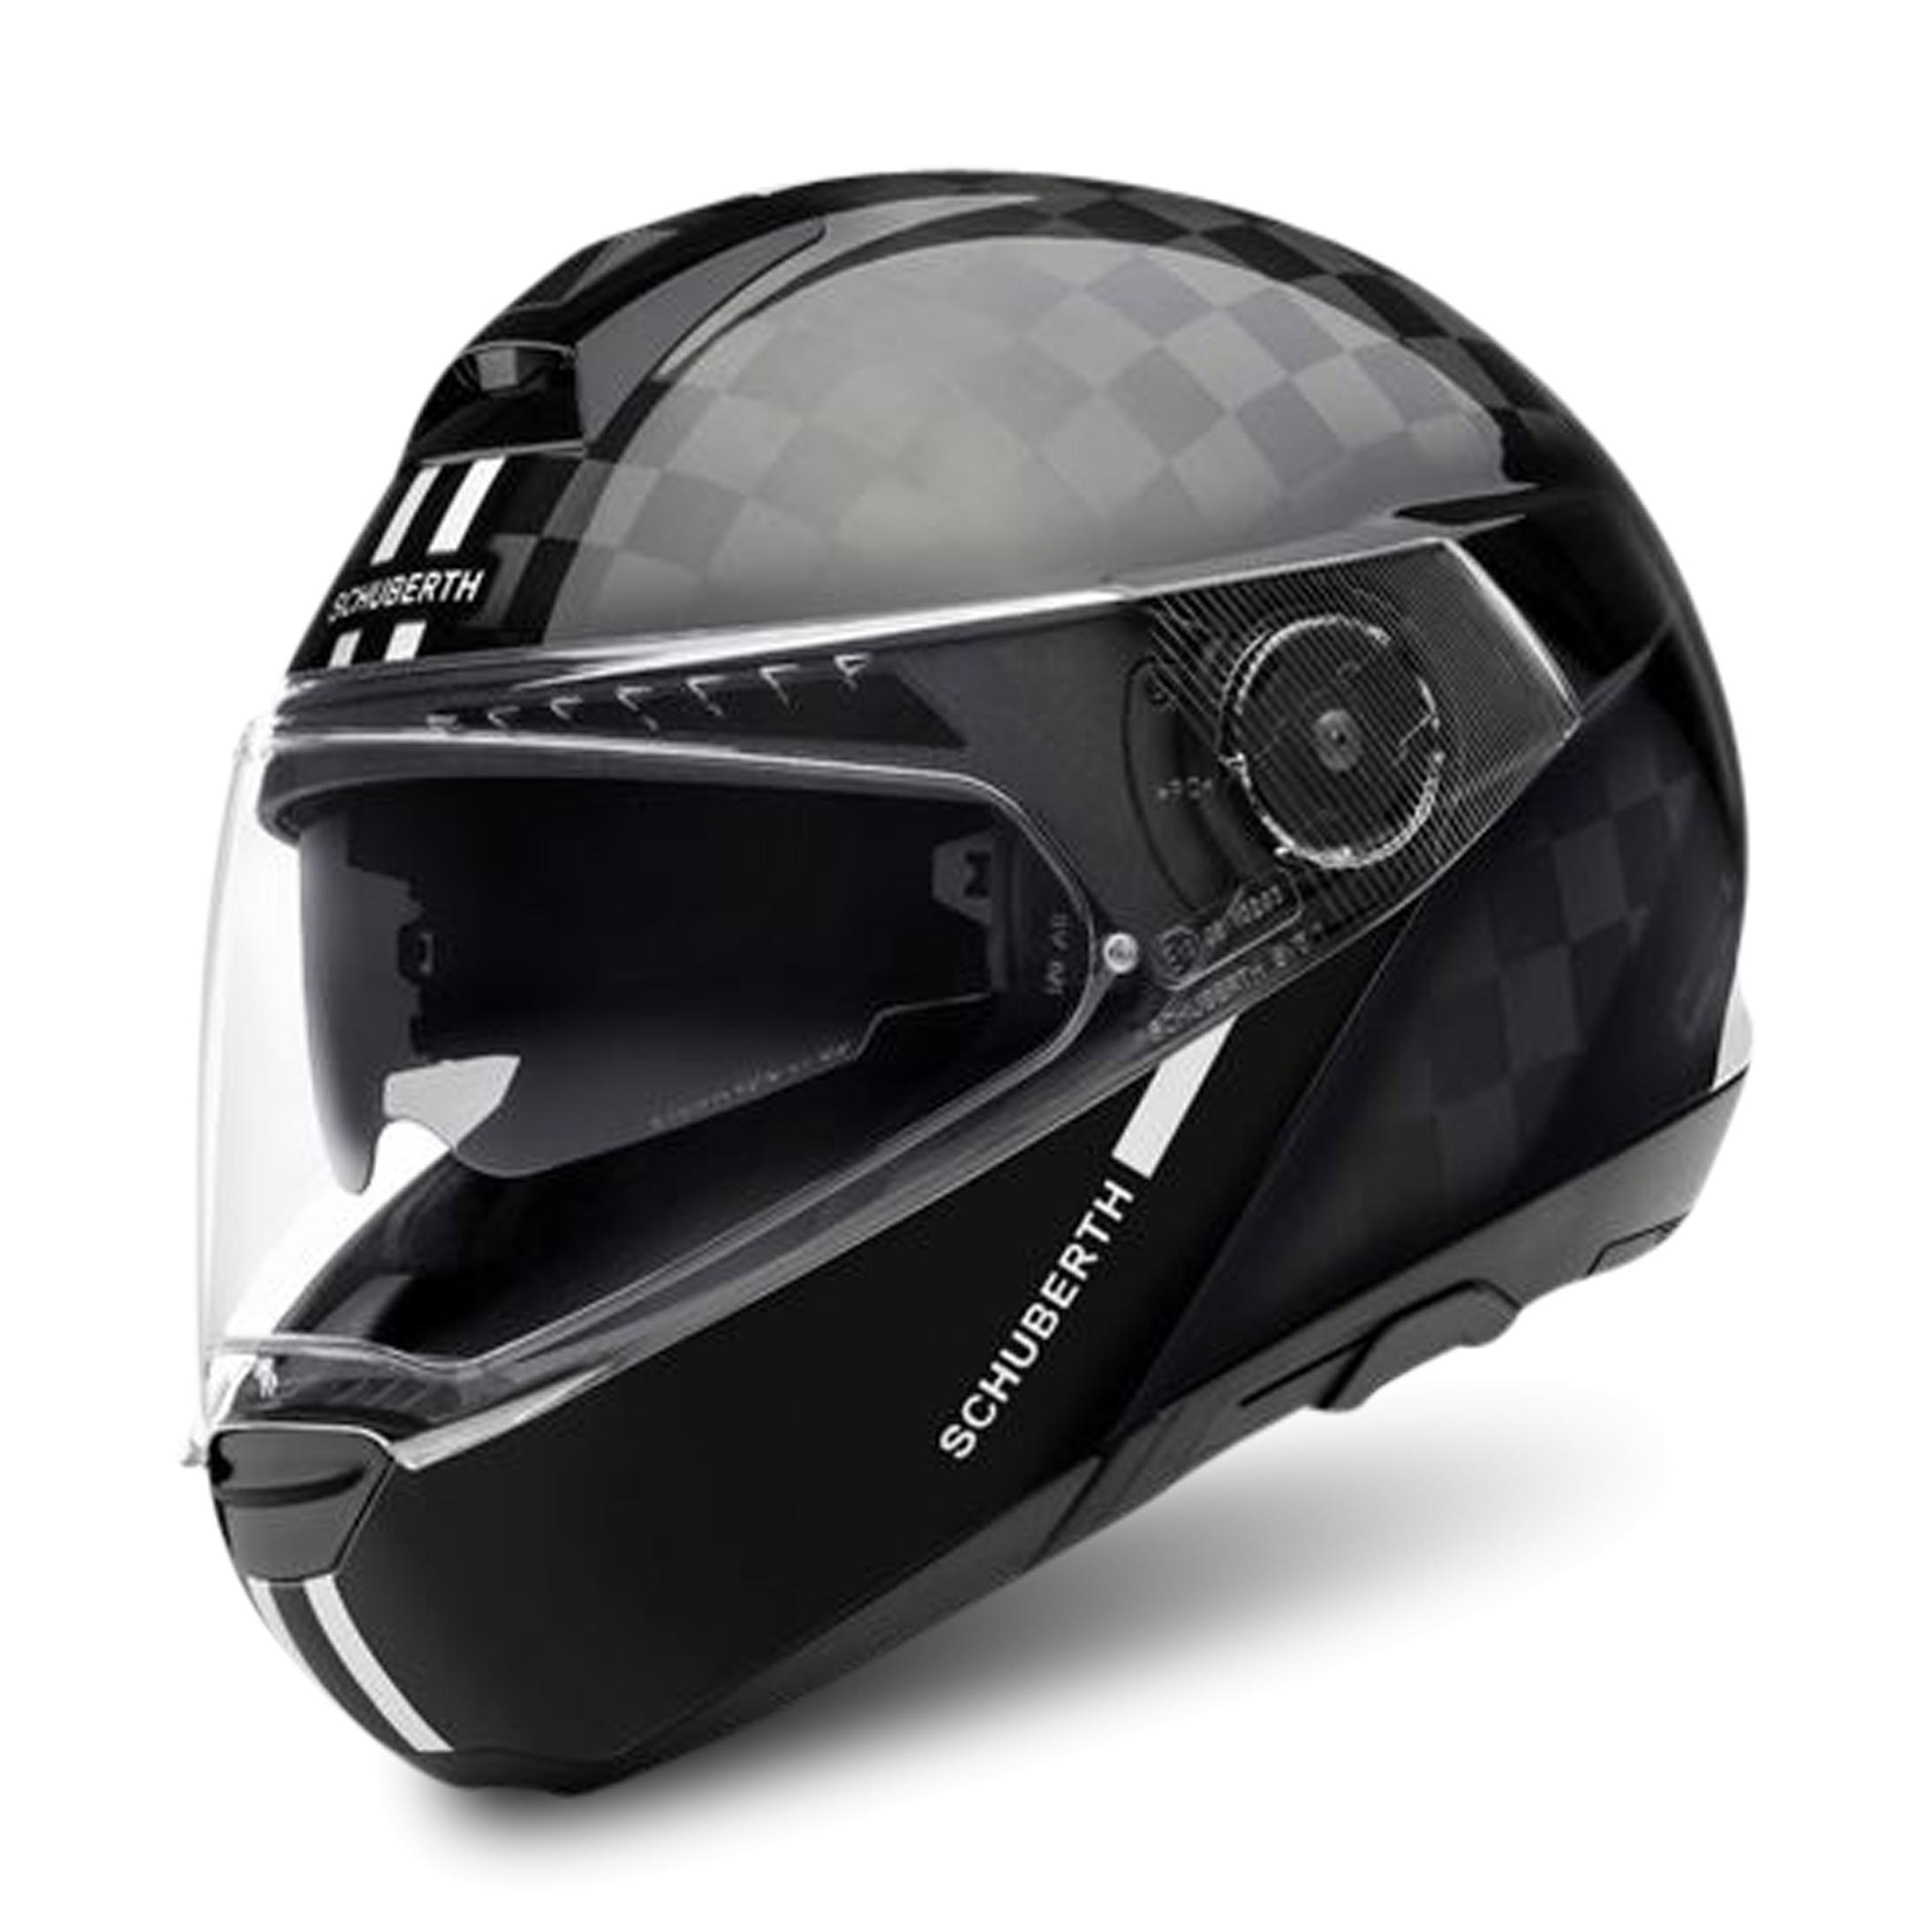 schuberth casco modulare  c4 pro carbon fusion nero-bianco